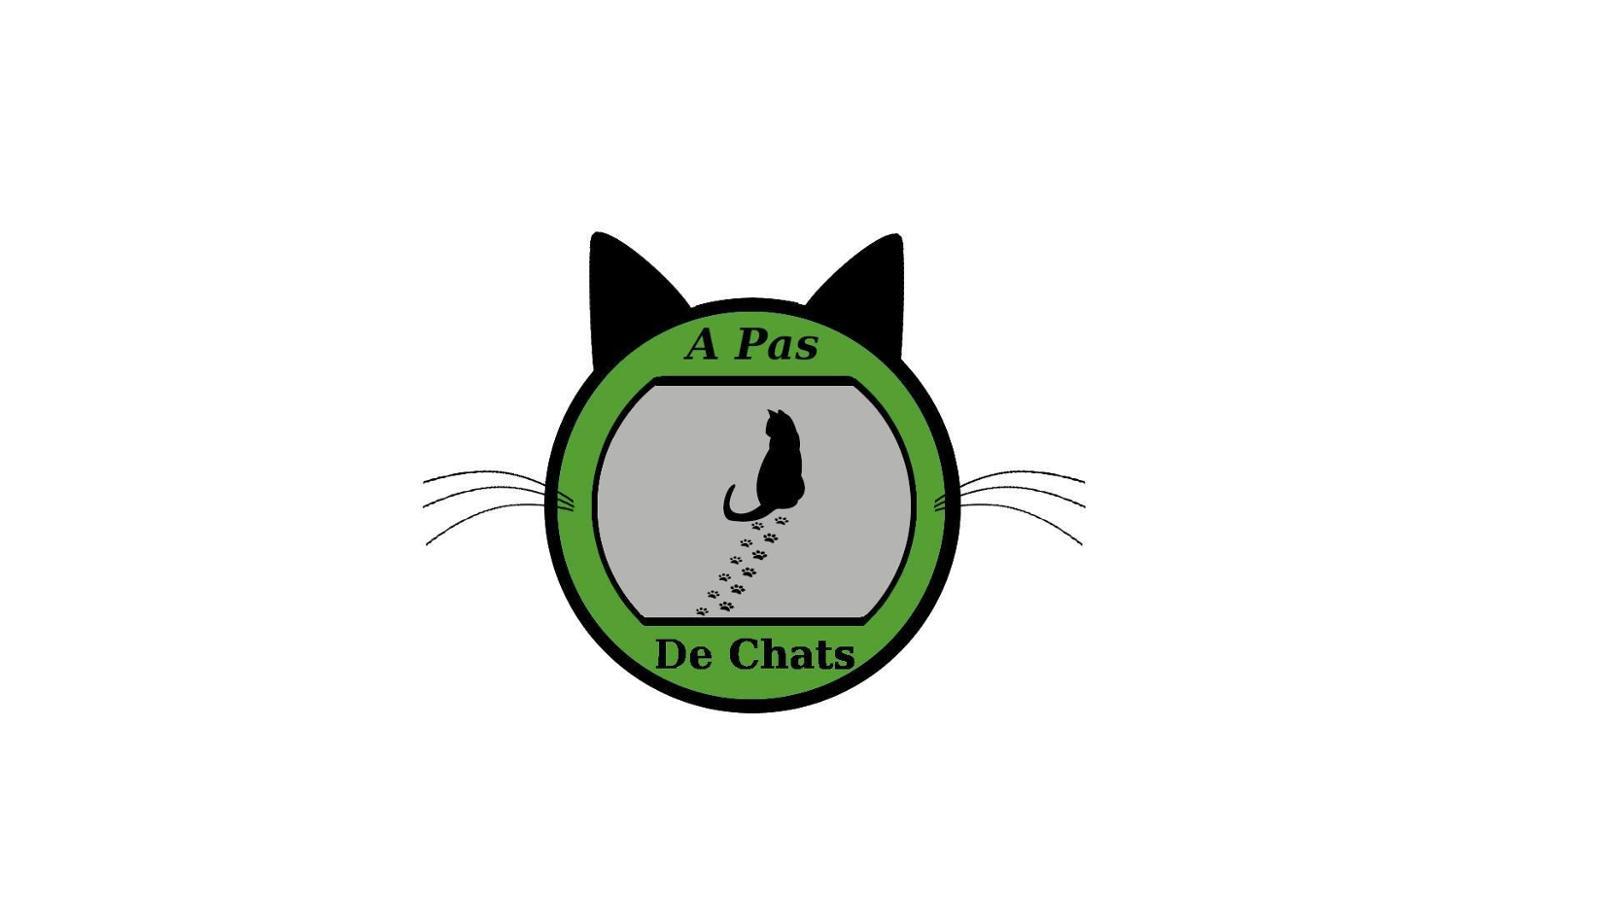 Association A Pas De Chats